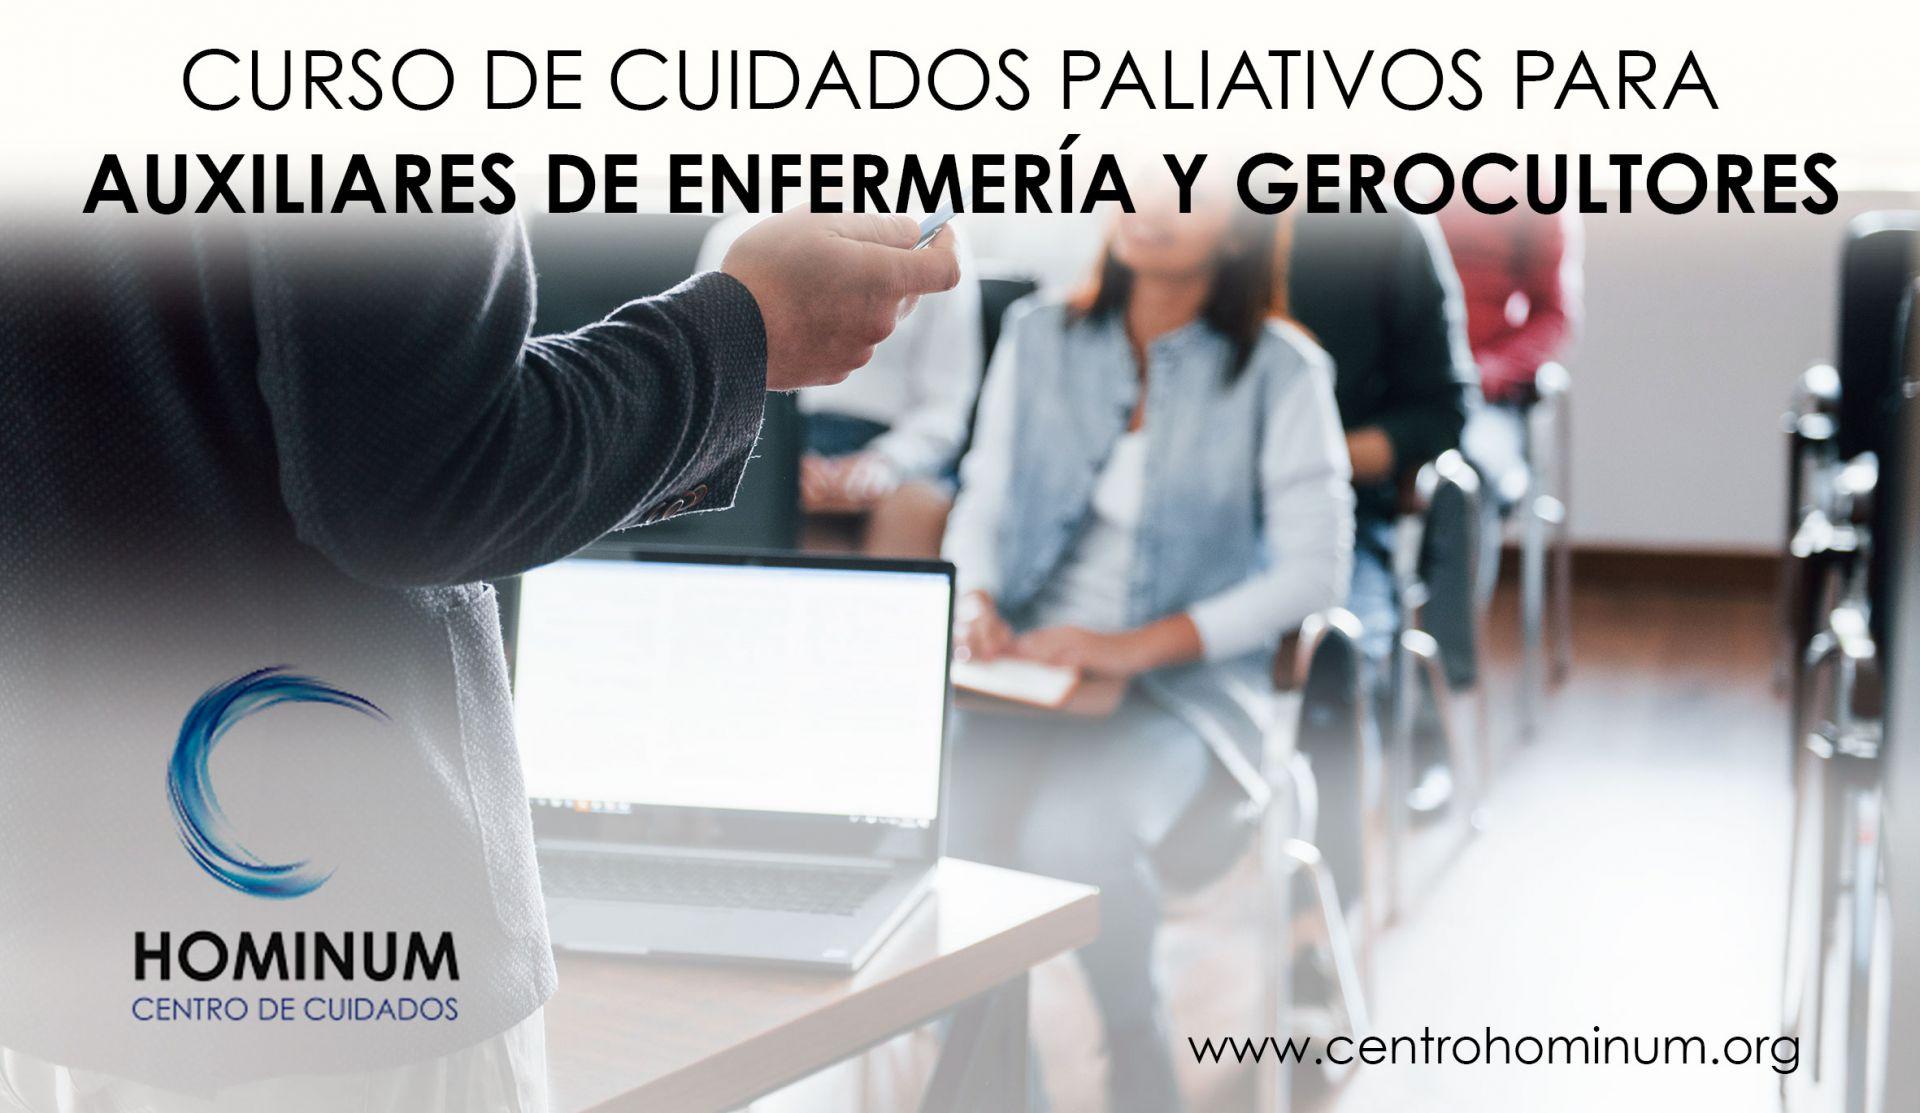 EQUILIBRIO ENTRE LA SEGURIDAD Y EL BIENESTAR EMONCIONAL CENTRO HOMINUM